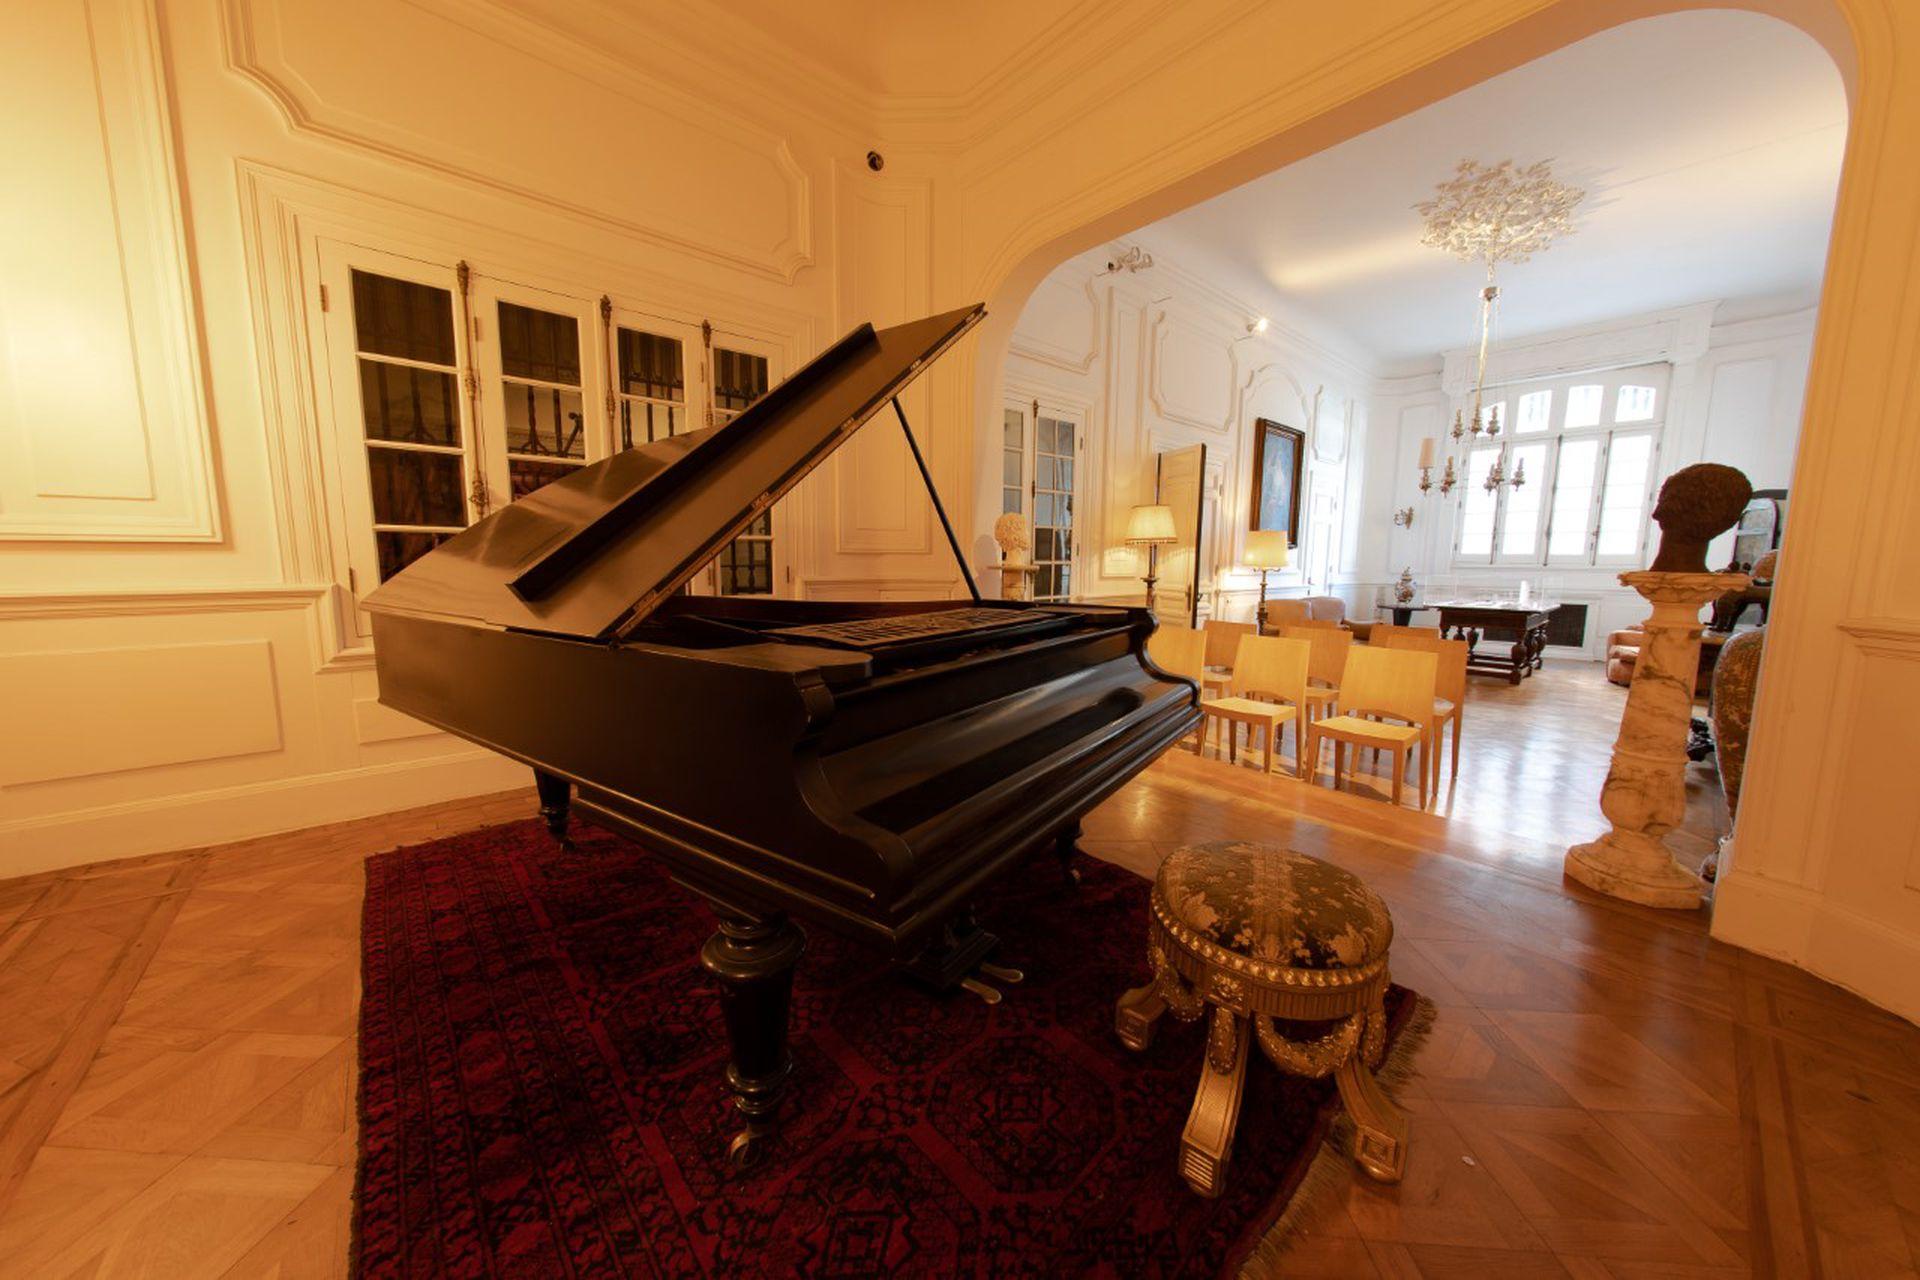 El palacio cuenta con un teatro y con un piano de cola